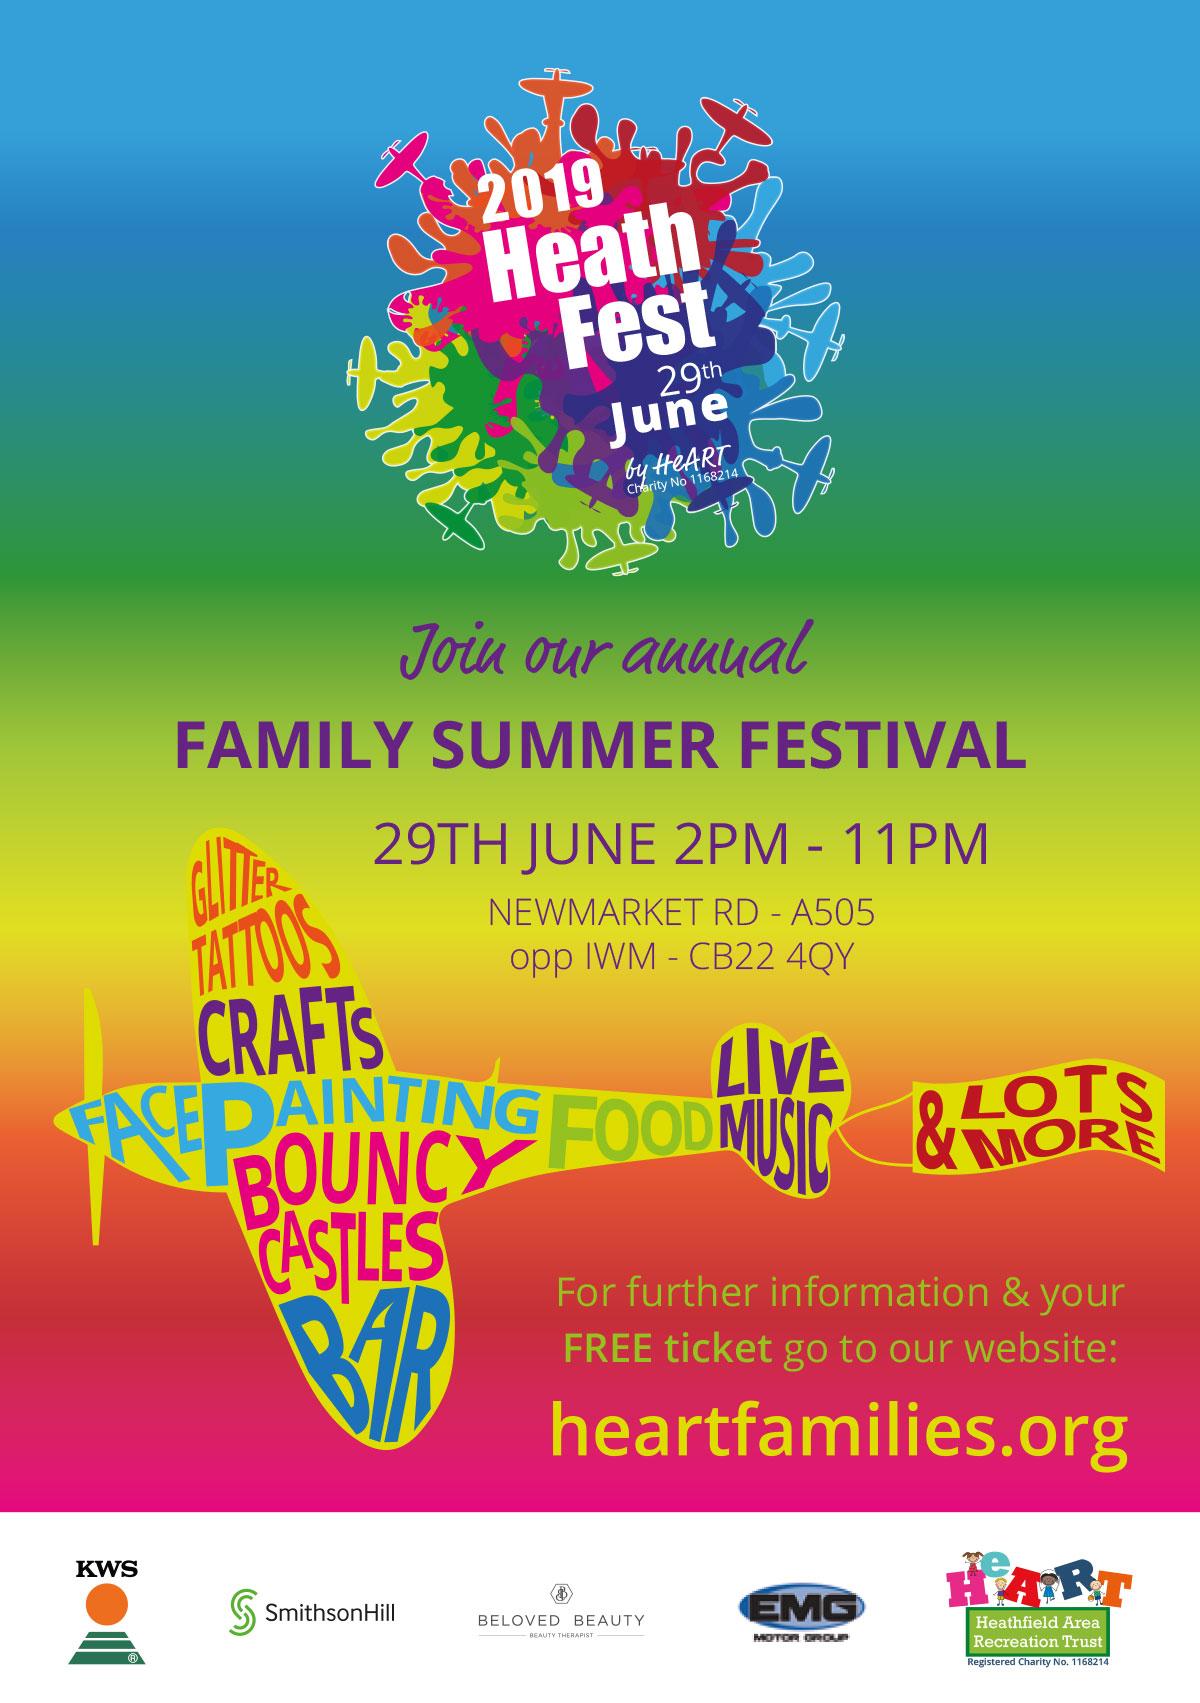 Heathfest 2019 Poster